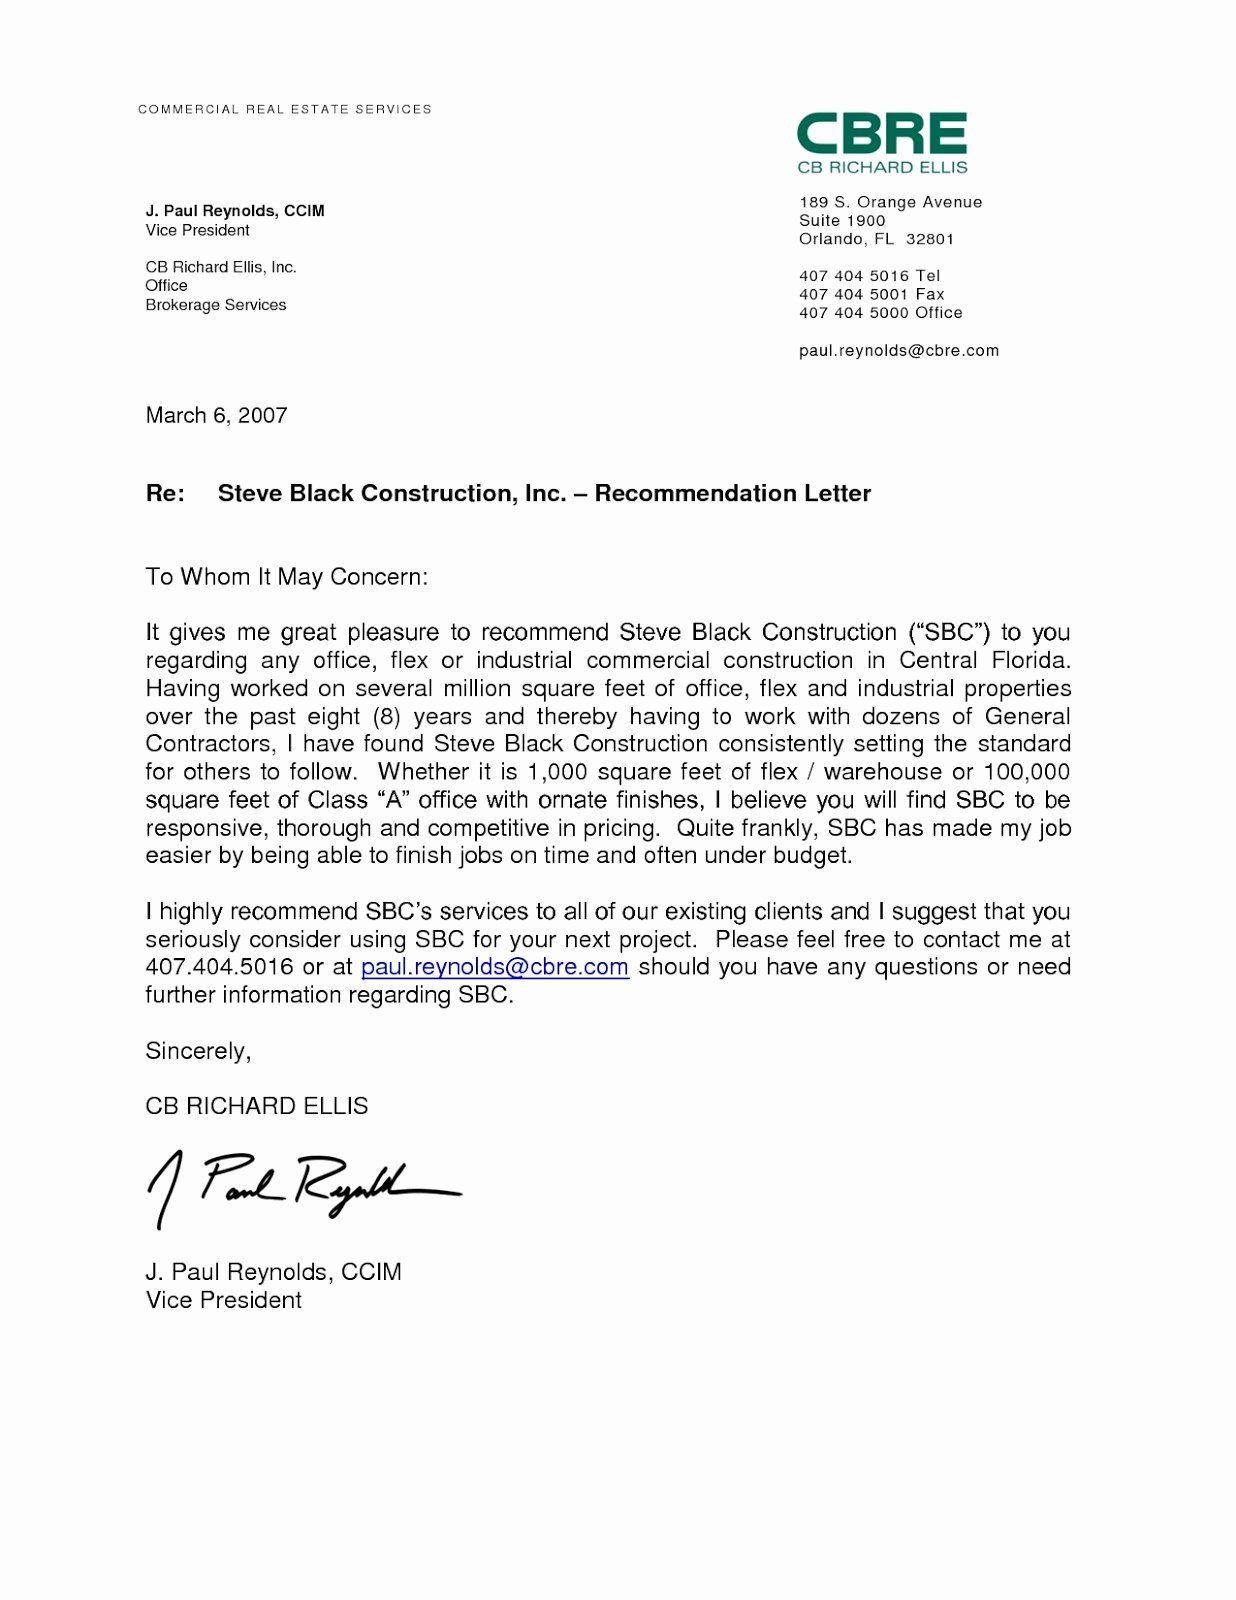 30 Reference Letter Vs Letter in 2020